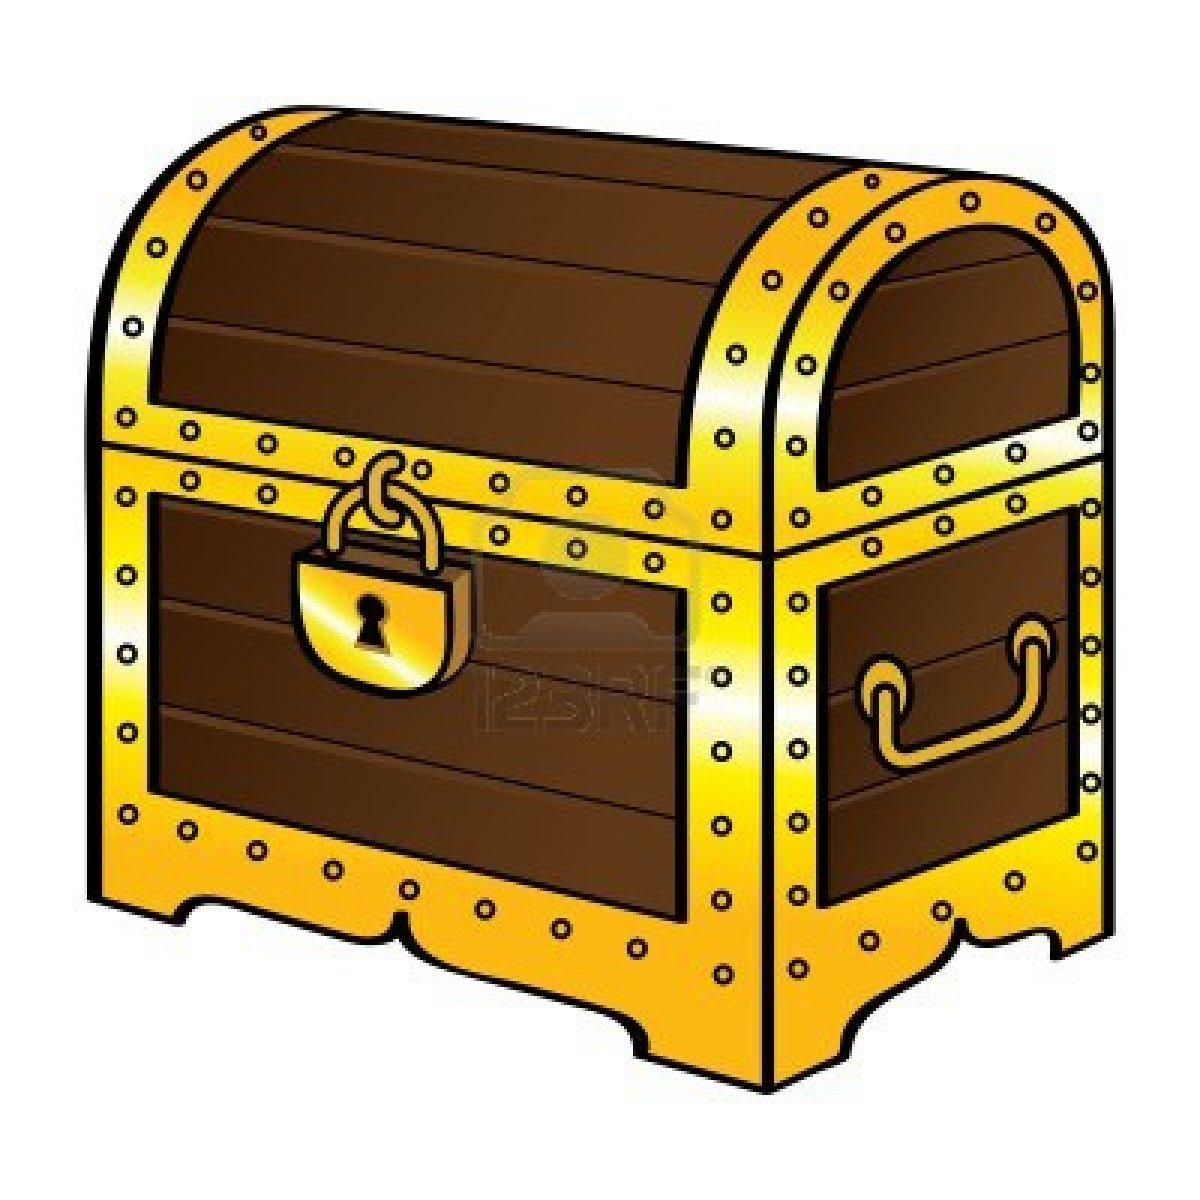 Treasure chest clip art vector treasure chest graphics image